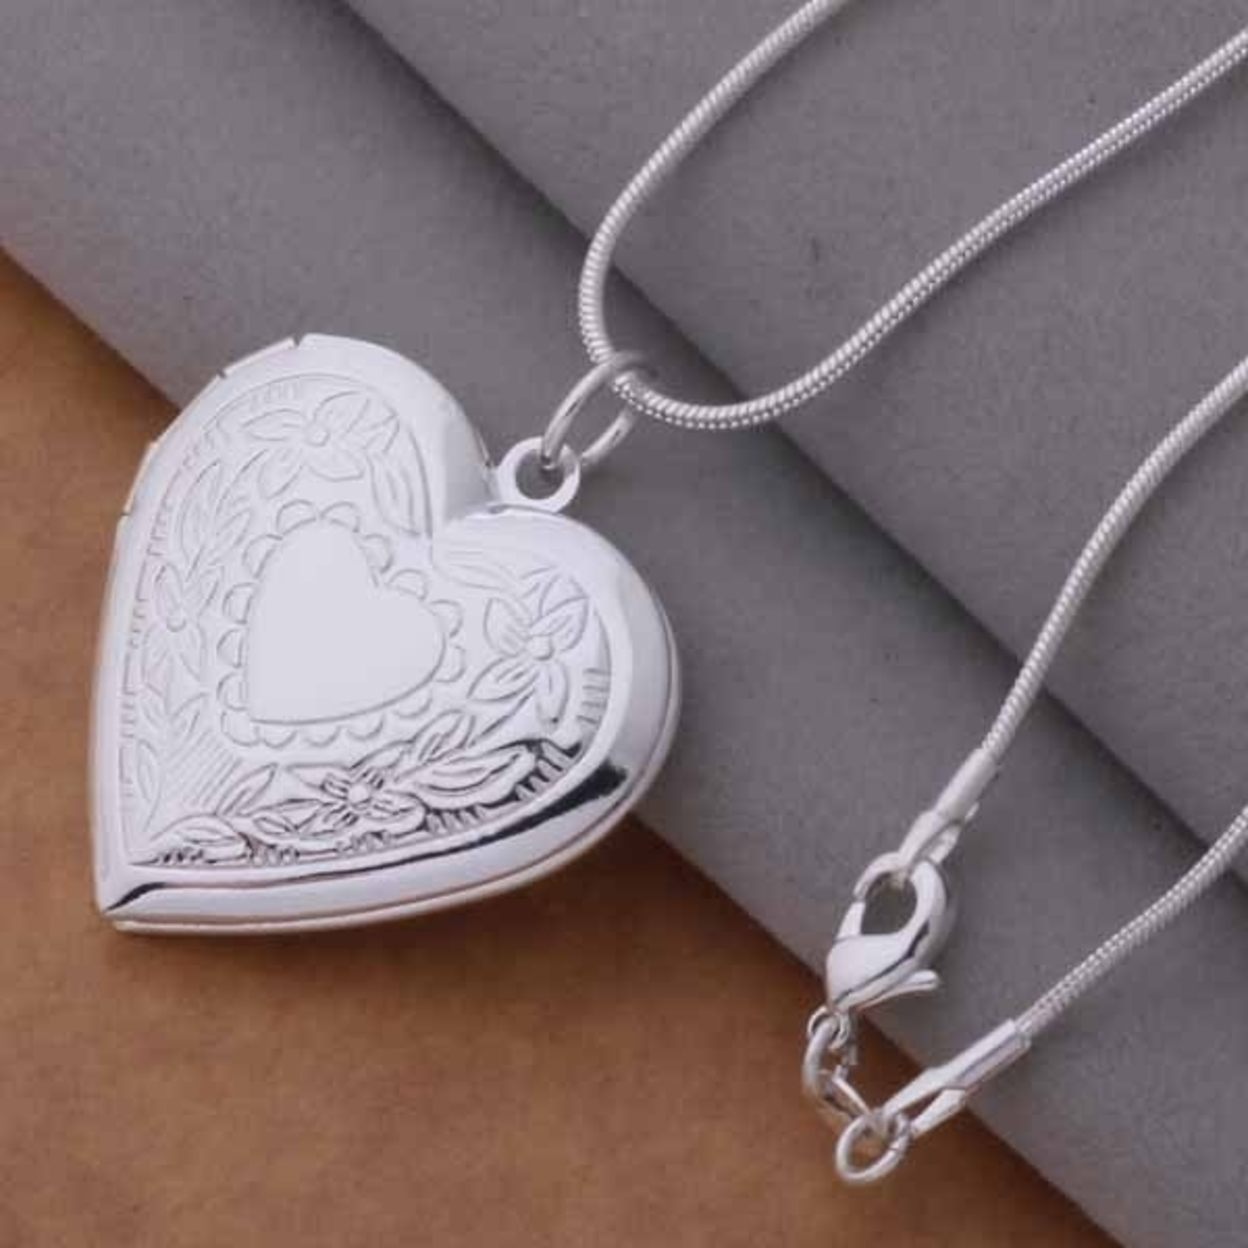 Floral Design Stamped Sterling Silver Heart Locket Necklace